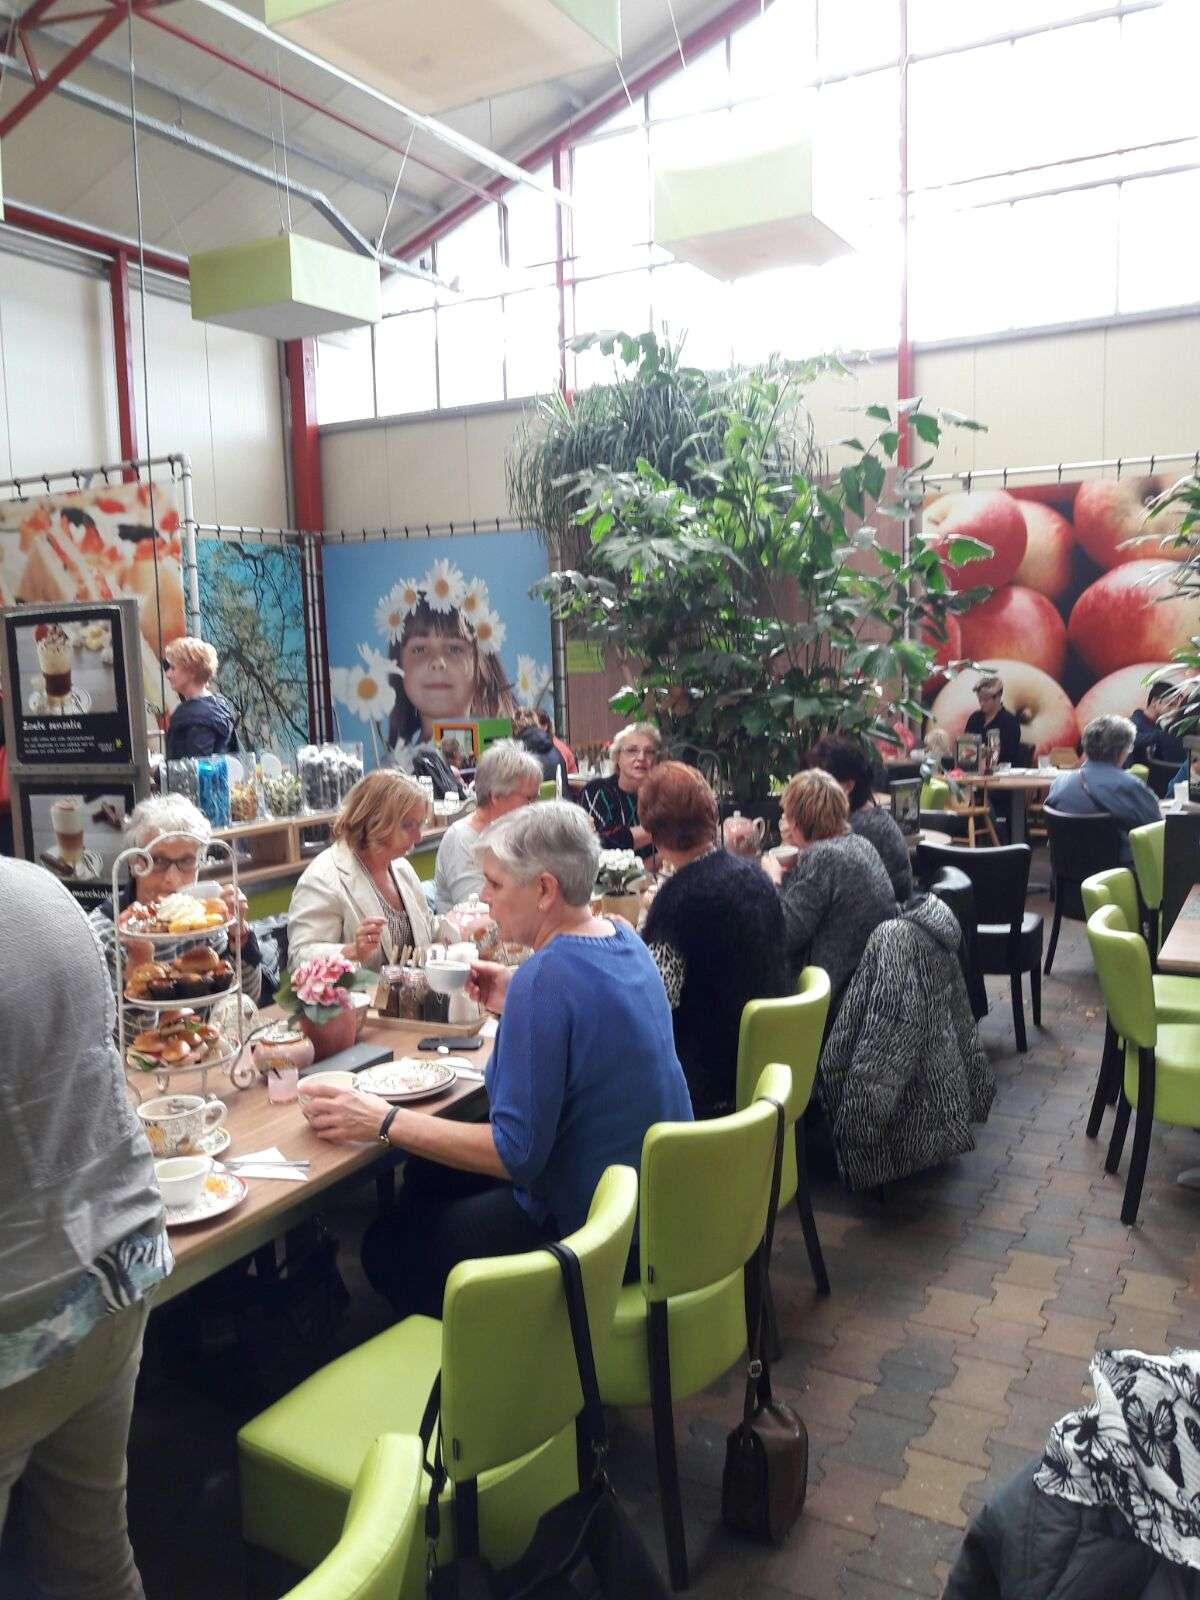 http://uvv-zoetermeer.nl/wp-content/uploads/2017/03/IMG-20161019-WA0000-2.jpg